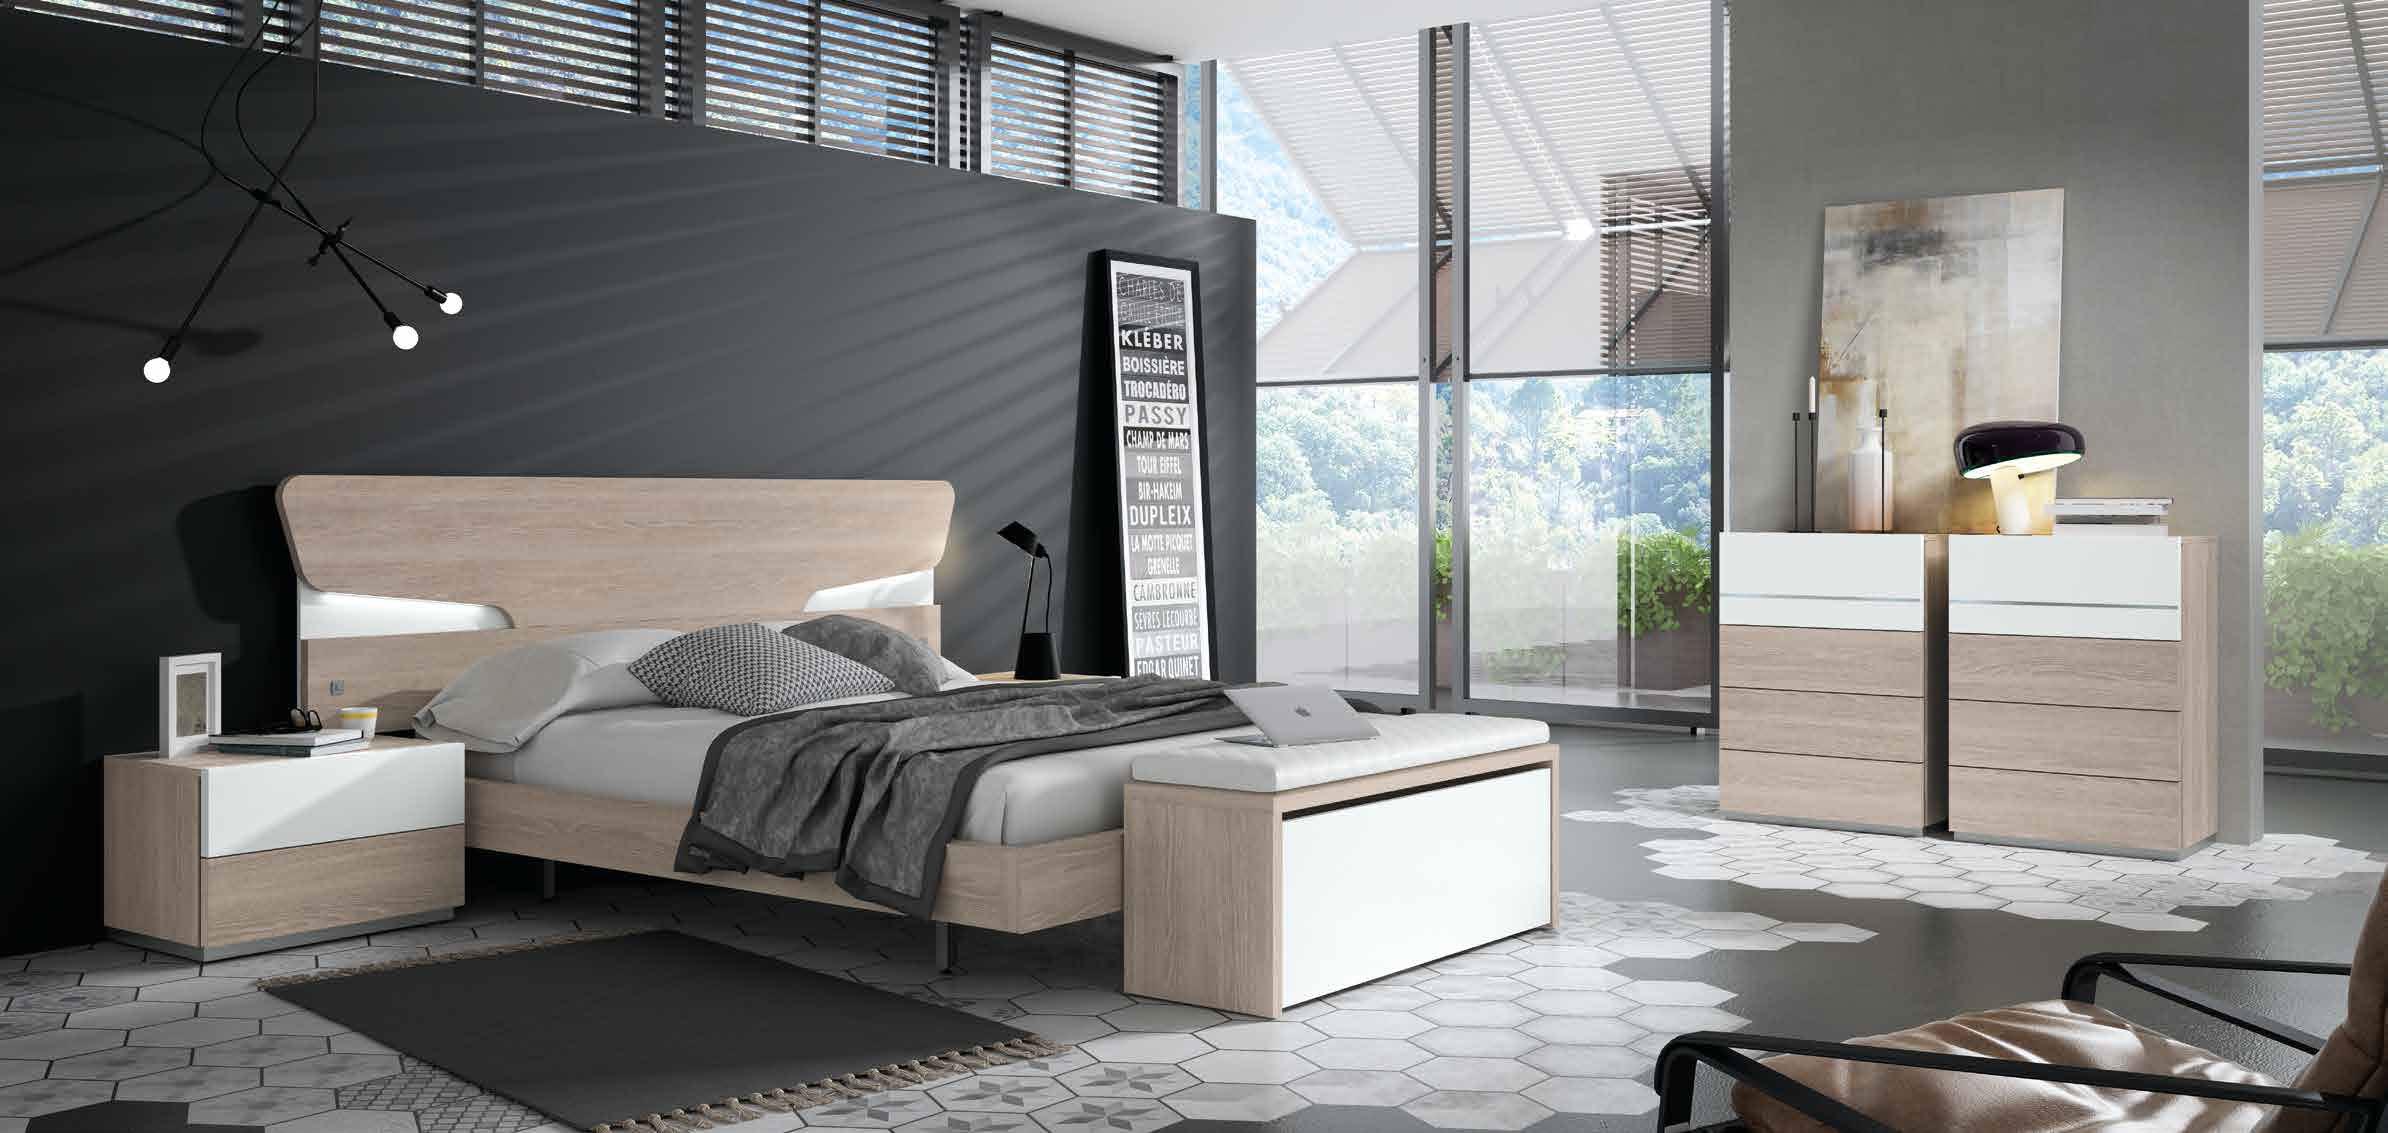 creta-dormitorio-trikala-03